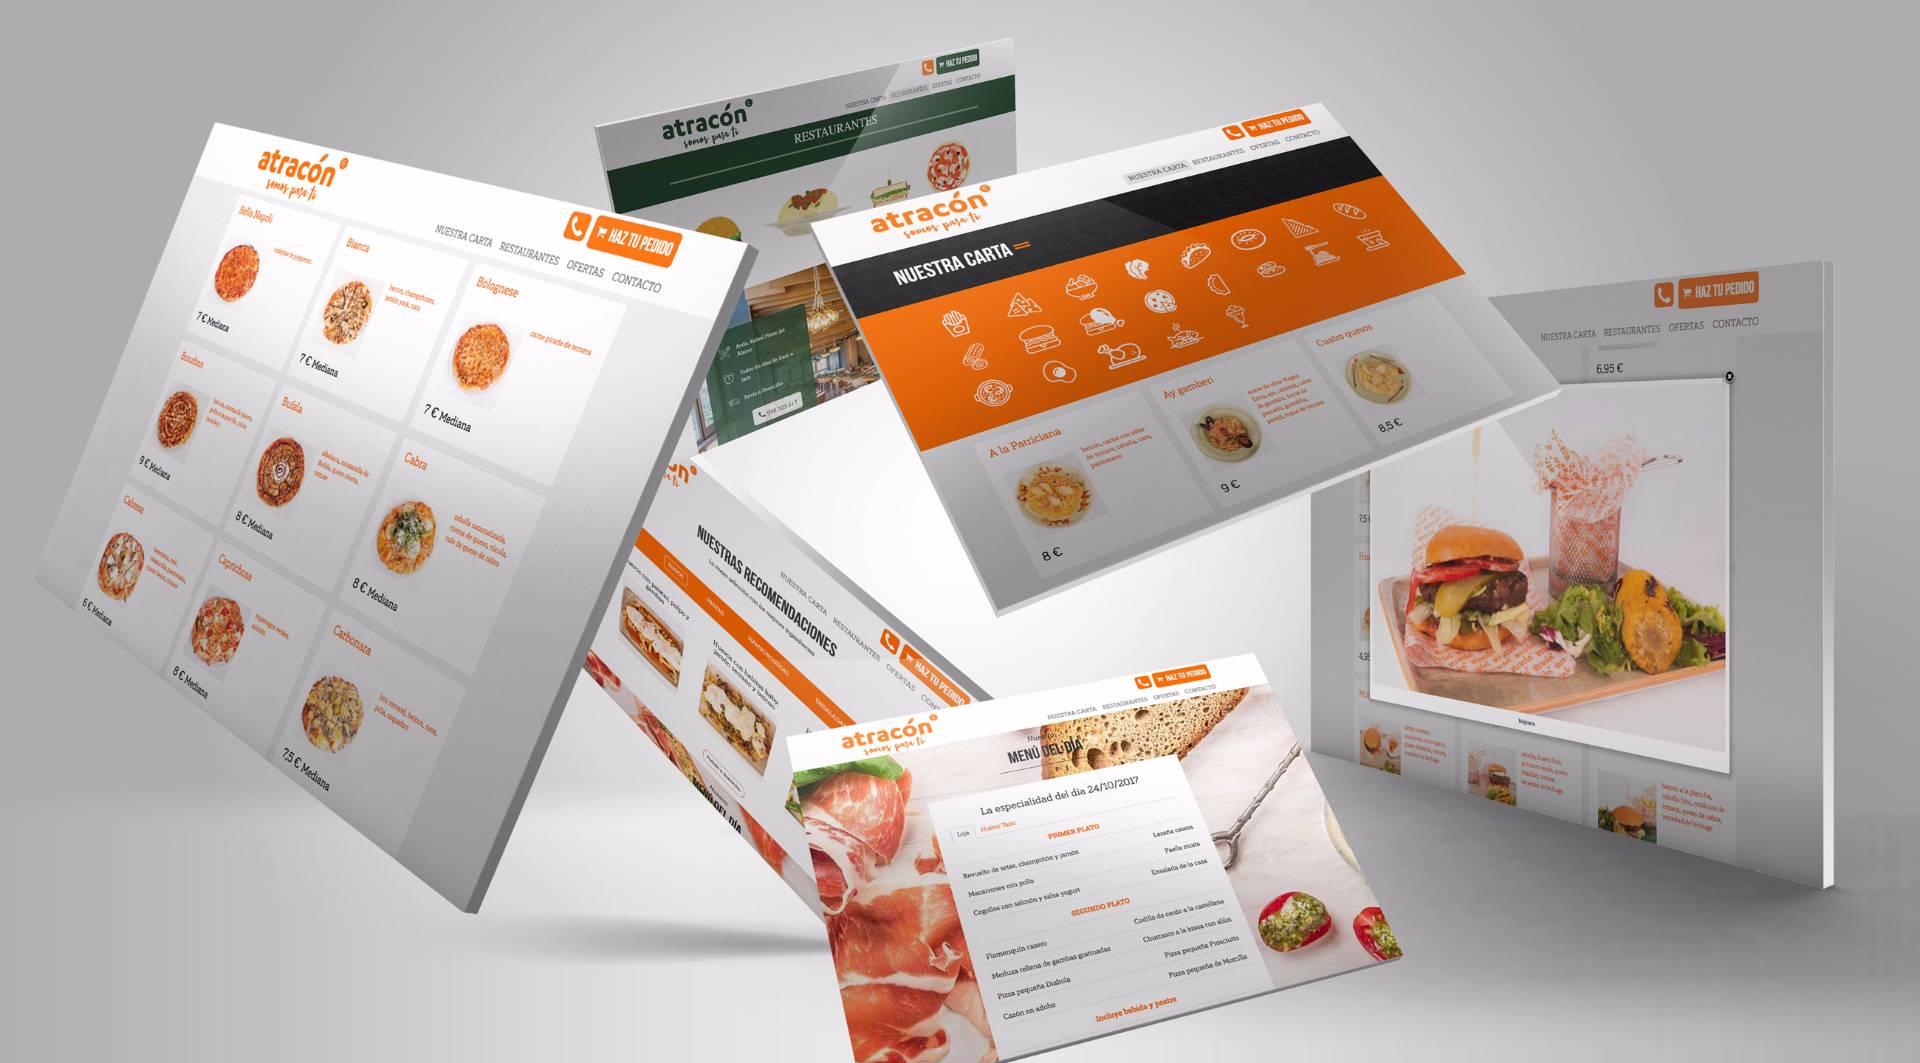 Tienda online con pedidos a domicilio de restaurante Atracón